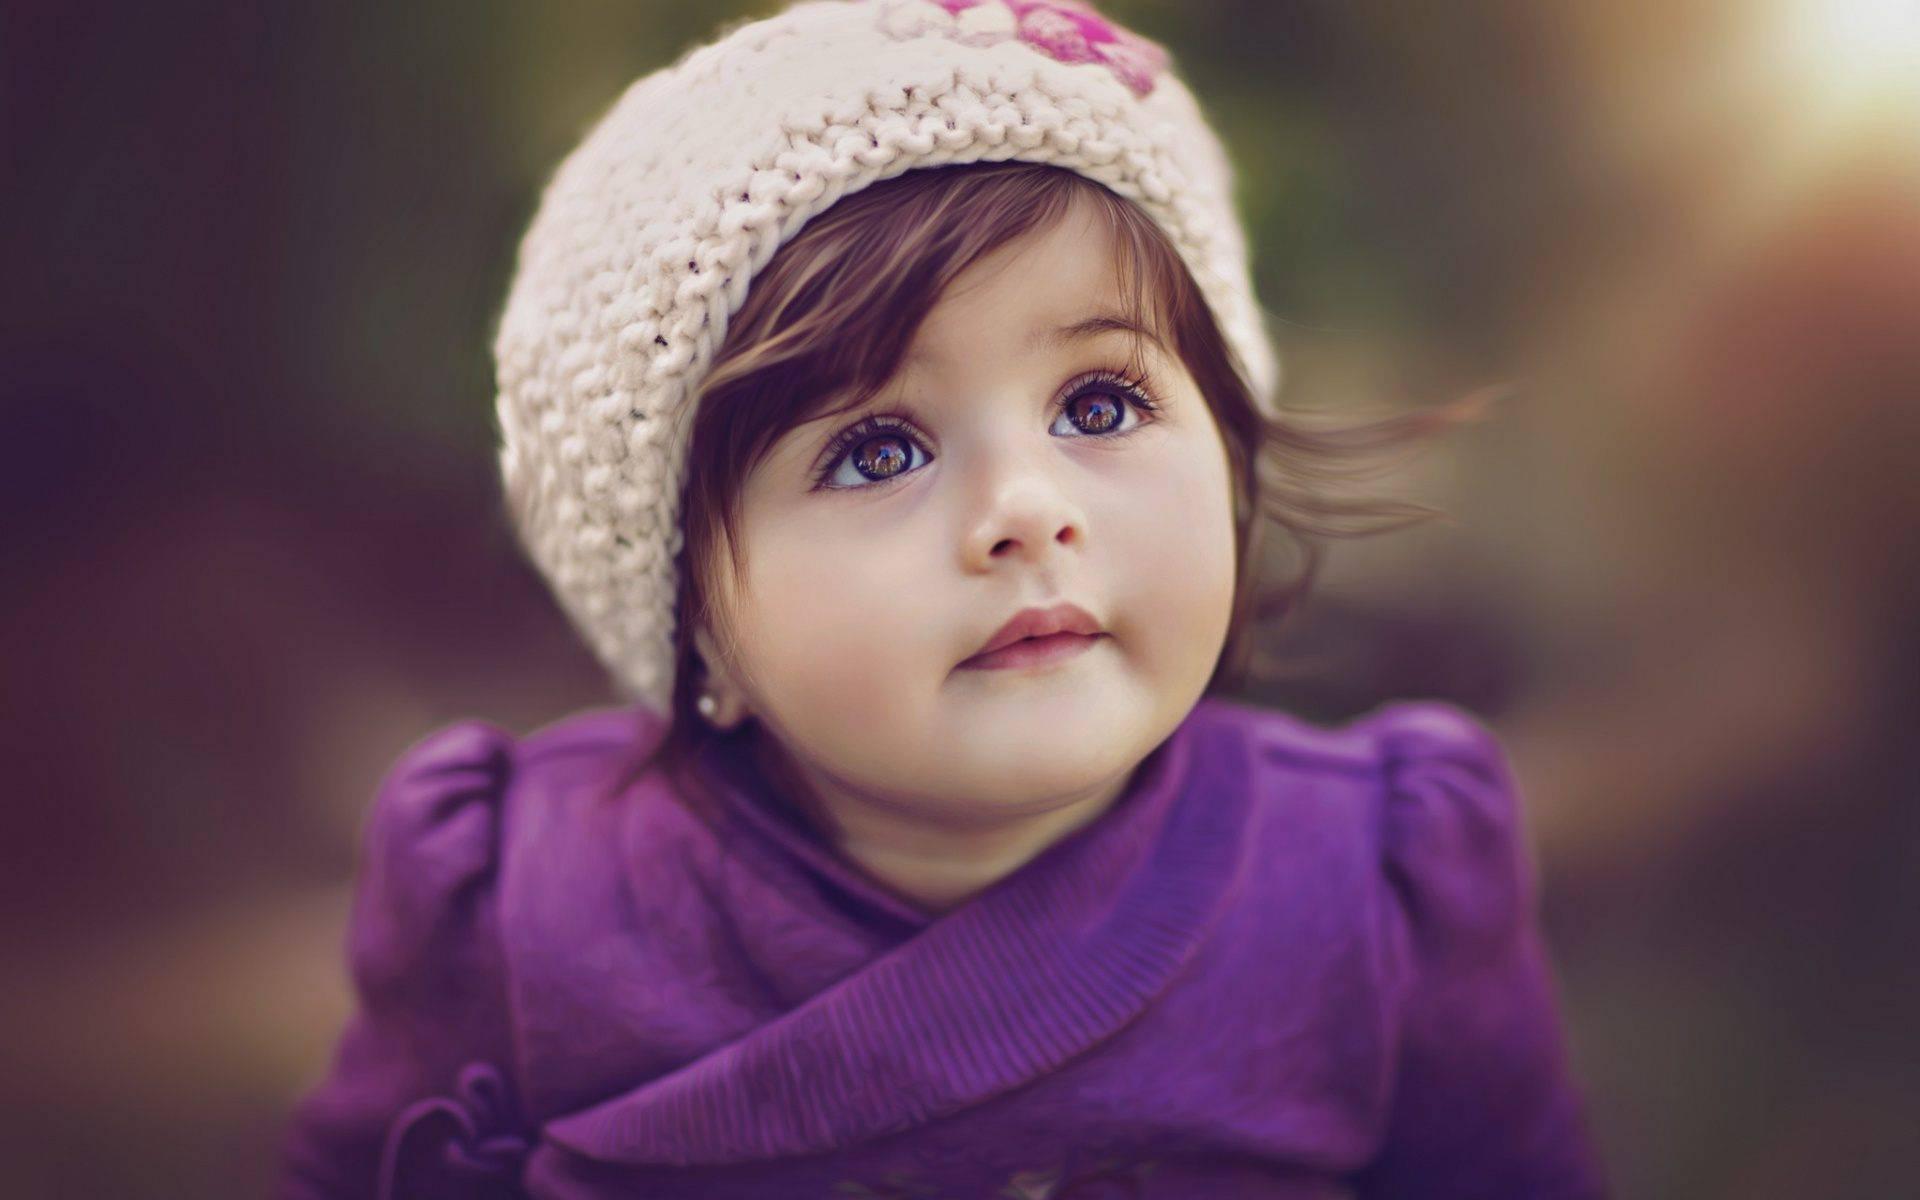 بالصور اطفال بنات حلوين , احلي واجمل البنات الاطفال 87 10